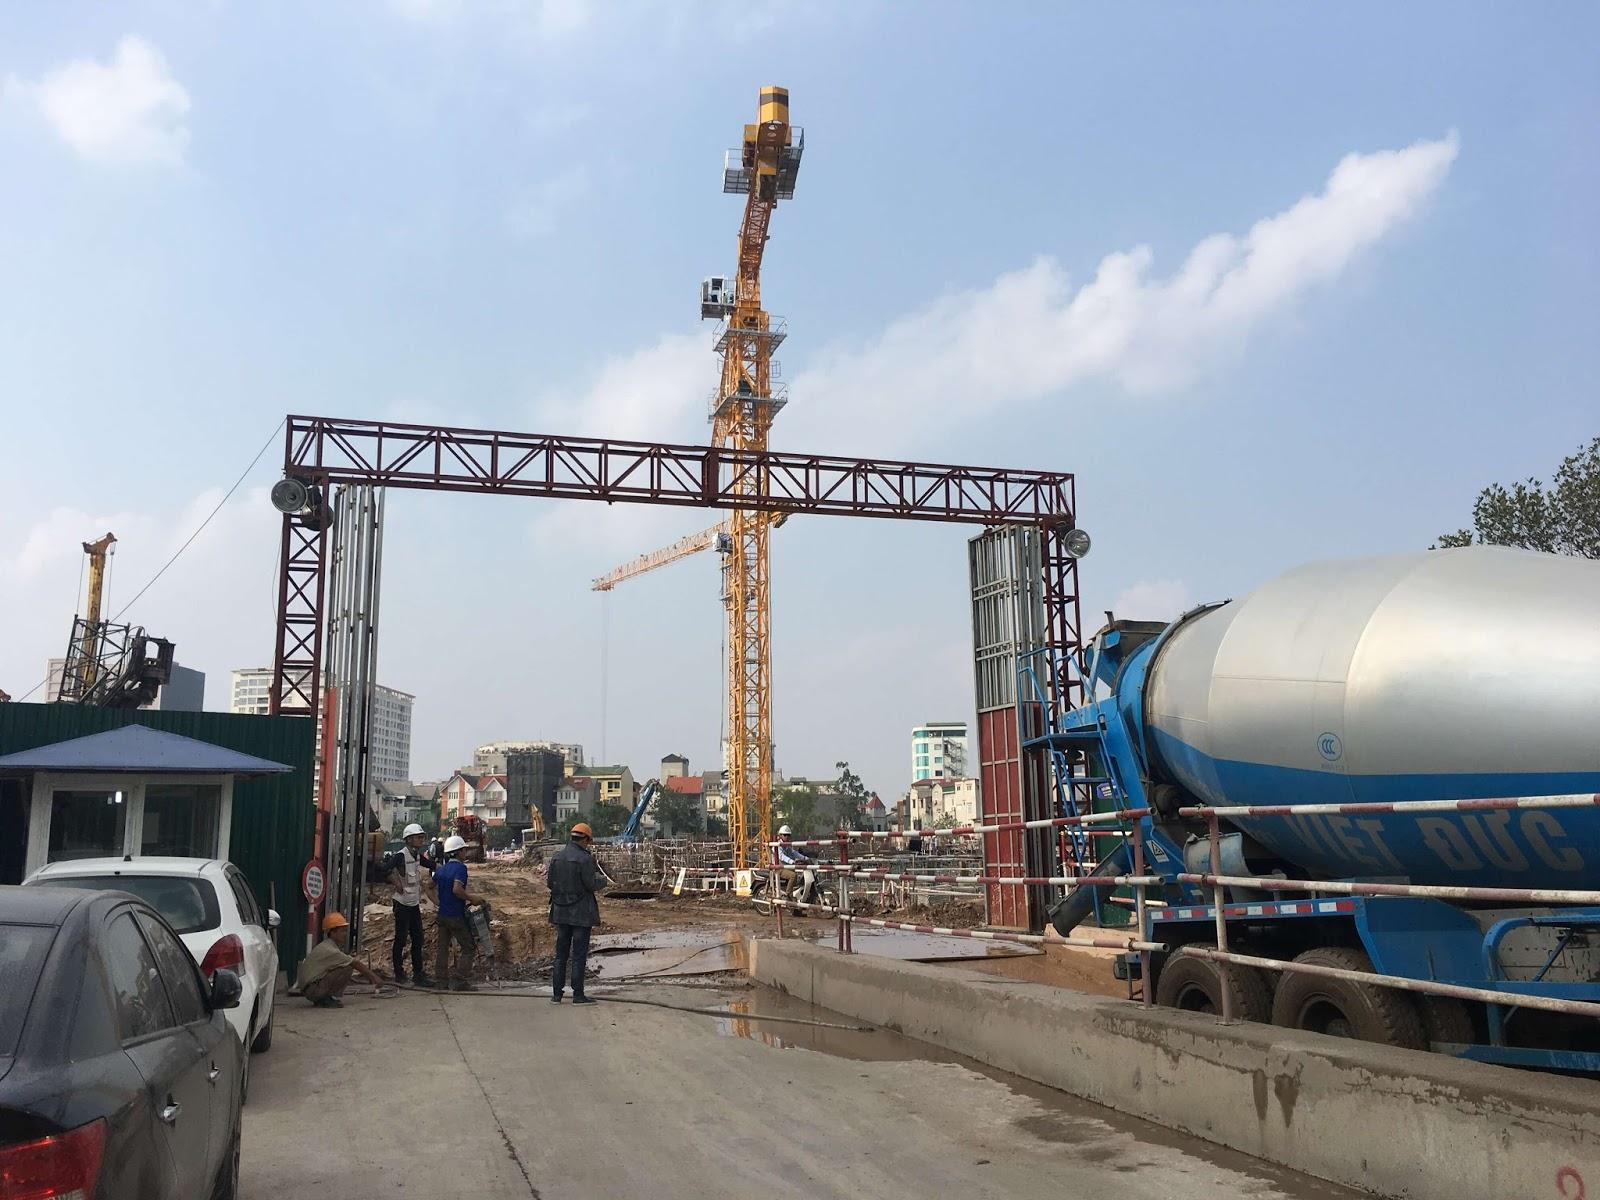 Tiến độ thi công dự án chung cư Imperia Sky Garden Minh Khai